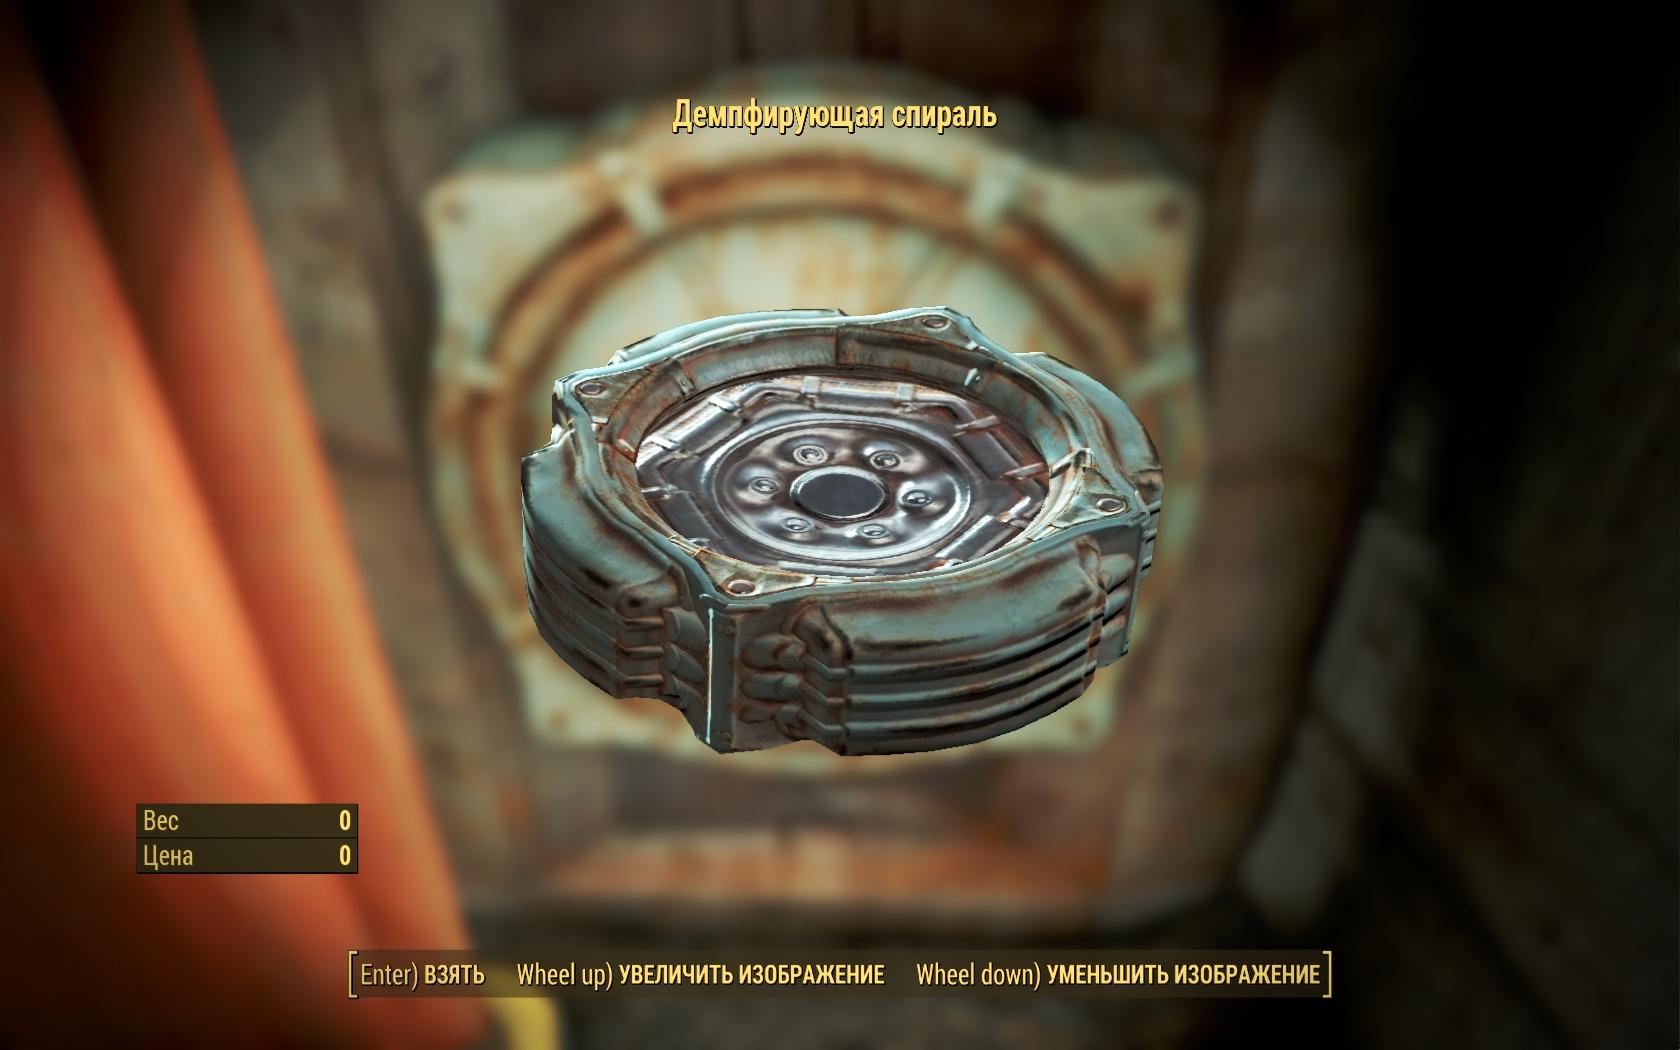 капитан - Fallout 4 Демпфирующая спираль, Здесь могут водиться монстры, Капитан Цзао, подлодка, подлодка Янцзы, Цзао, Янцзы